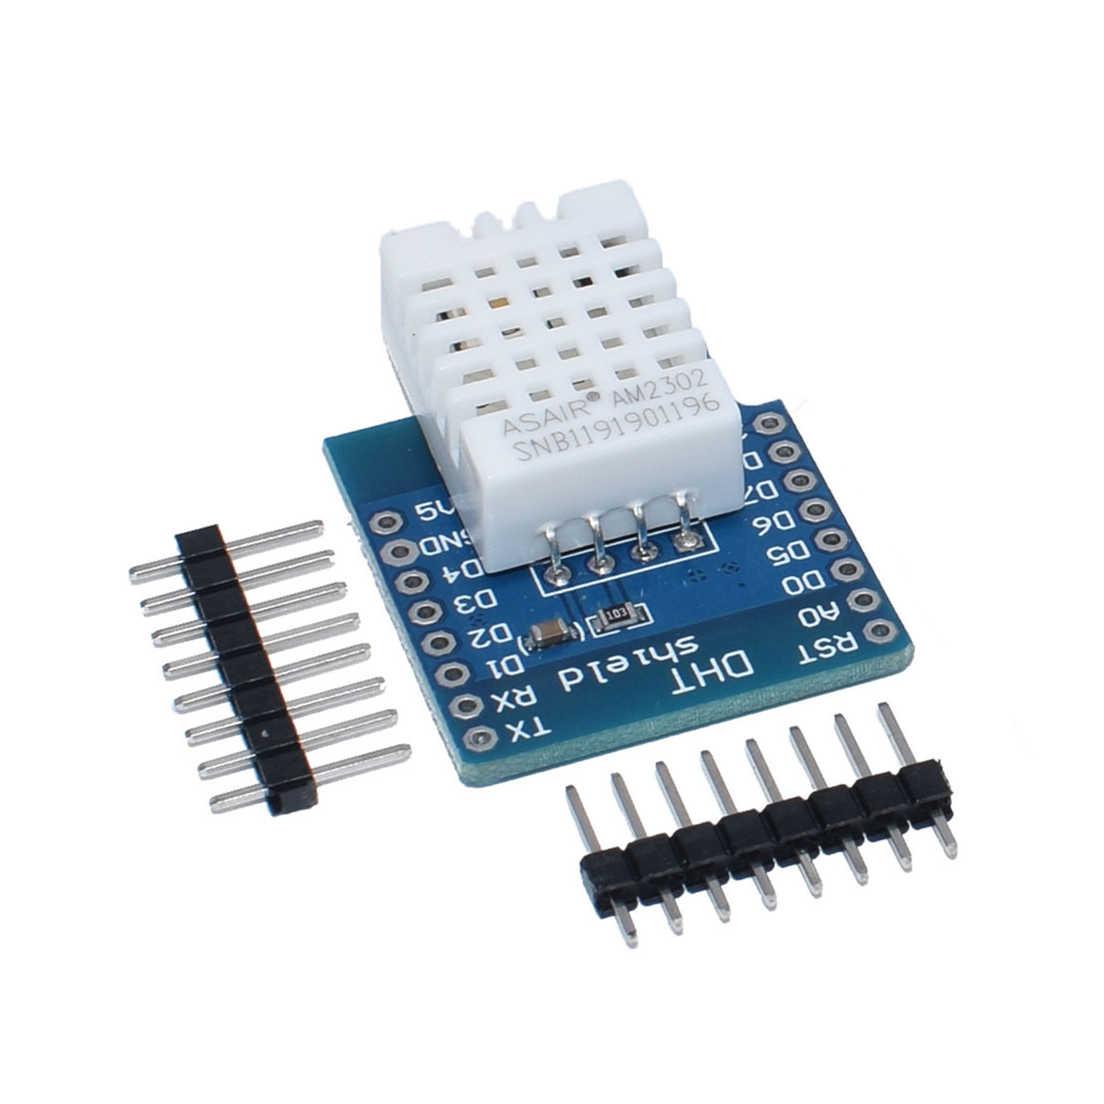 1 ESP8266 D1 Mini carte de développement WiFi Pro NodeMcu WS2812 RGB DHT11 DHT22 AM2302 relais DS18B20 BMP180 moteur pour kit de bricolage WeMos